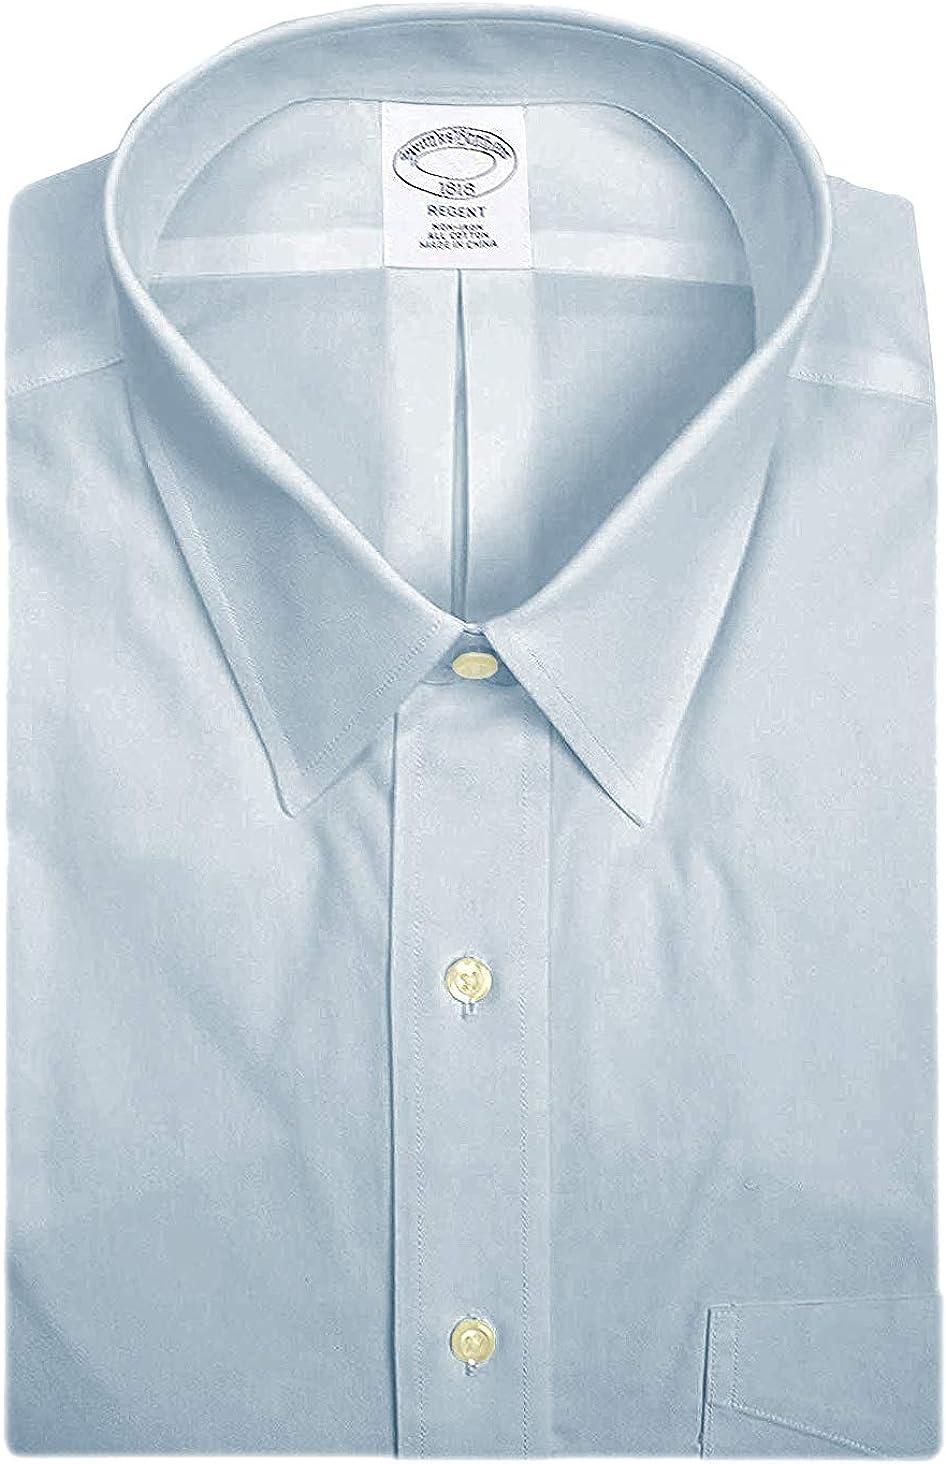 BROOKS BROTHERS - Camisa de Vestir para Hombre (100% algodón, no Necesita Planchado), Color Azul Claro